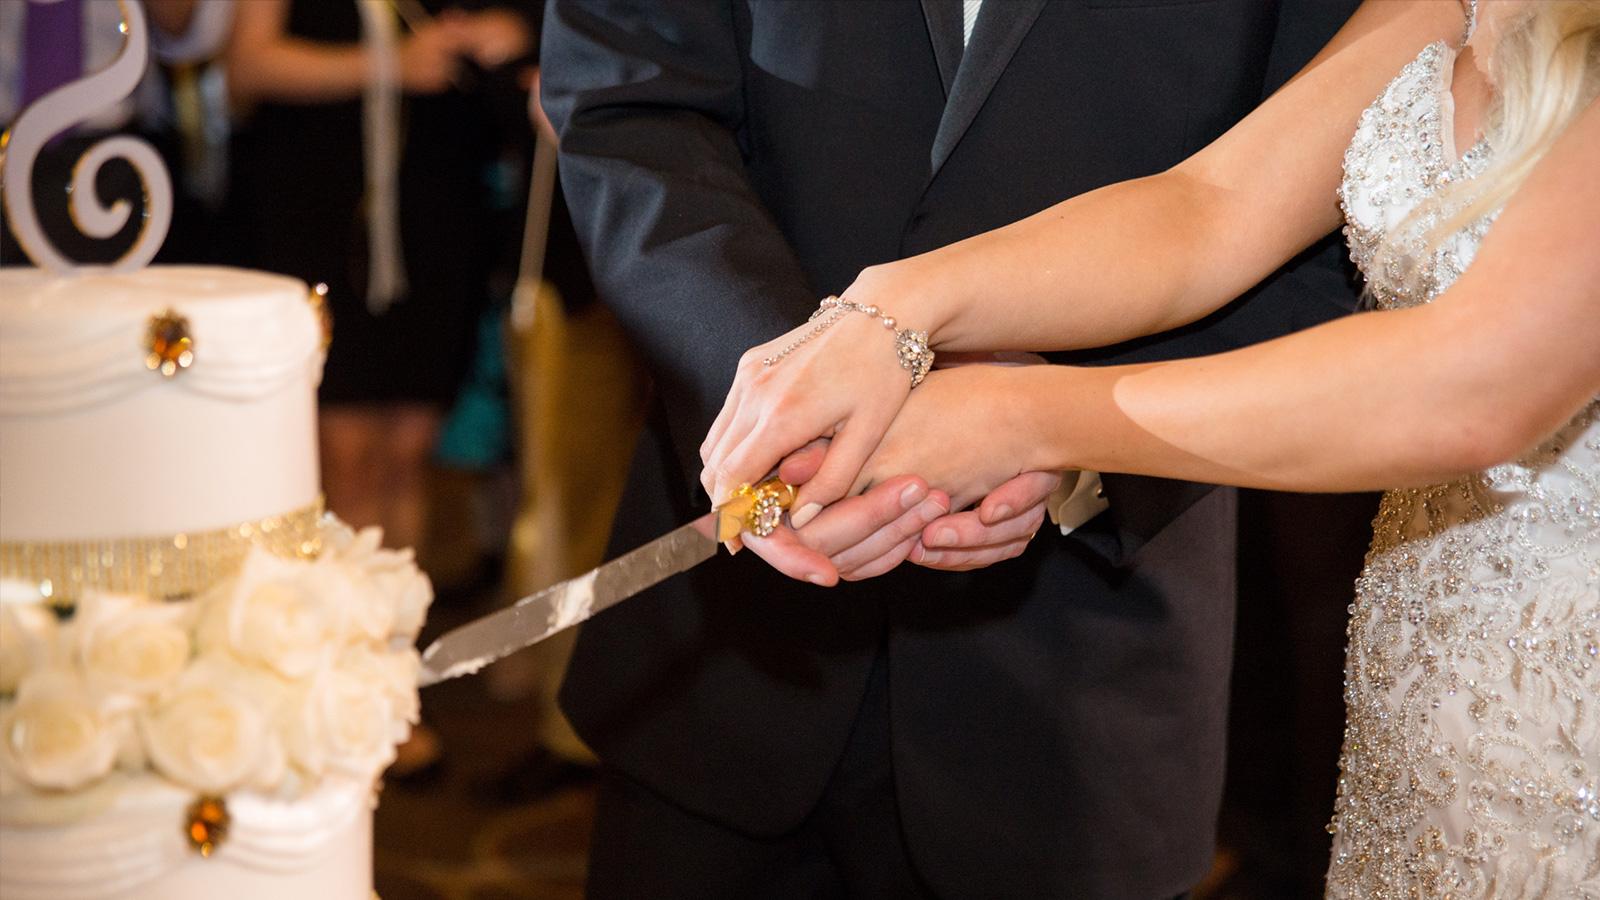 اكتشف 27 عادة غريبة للاحتفال بالزواج حول العالم